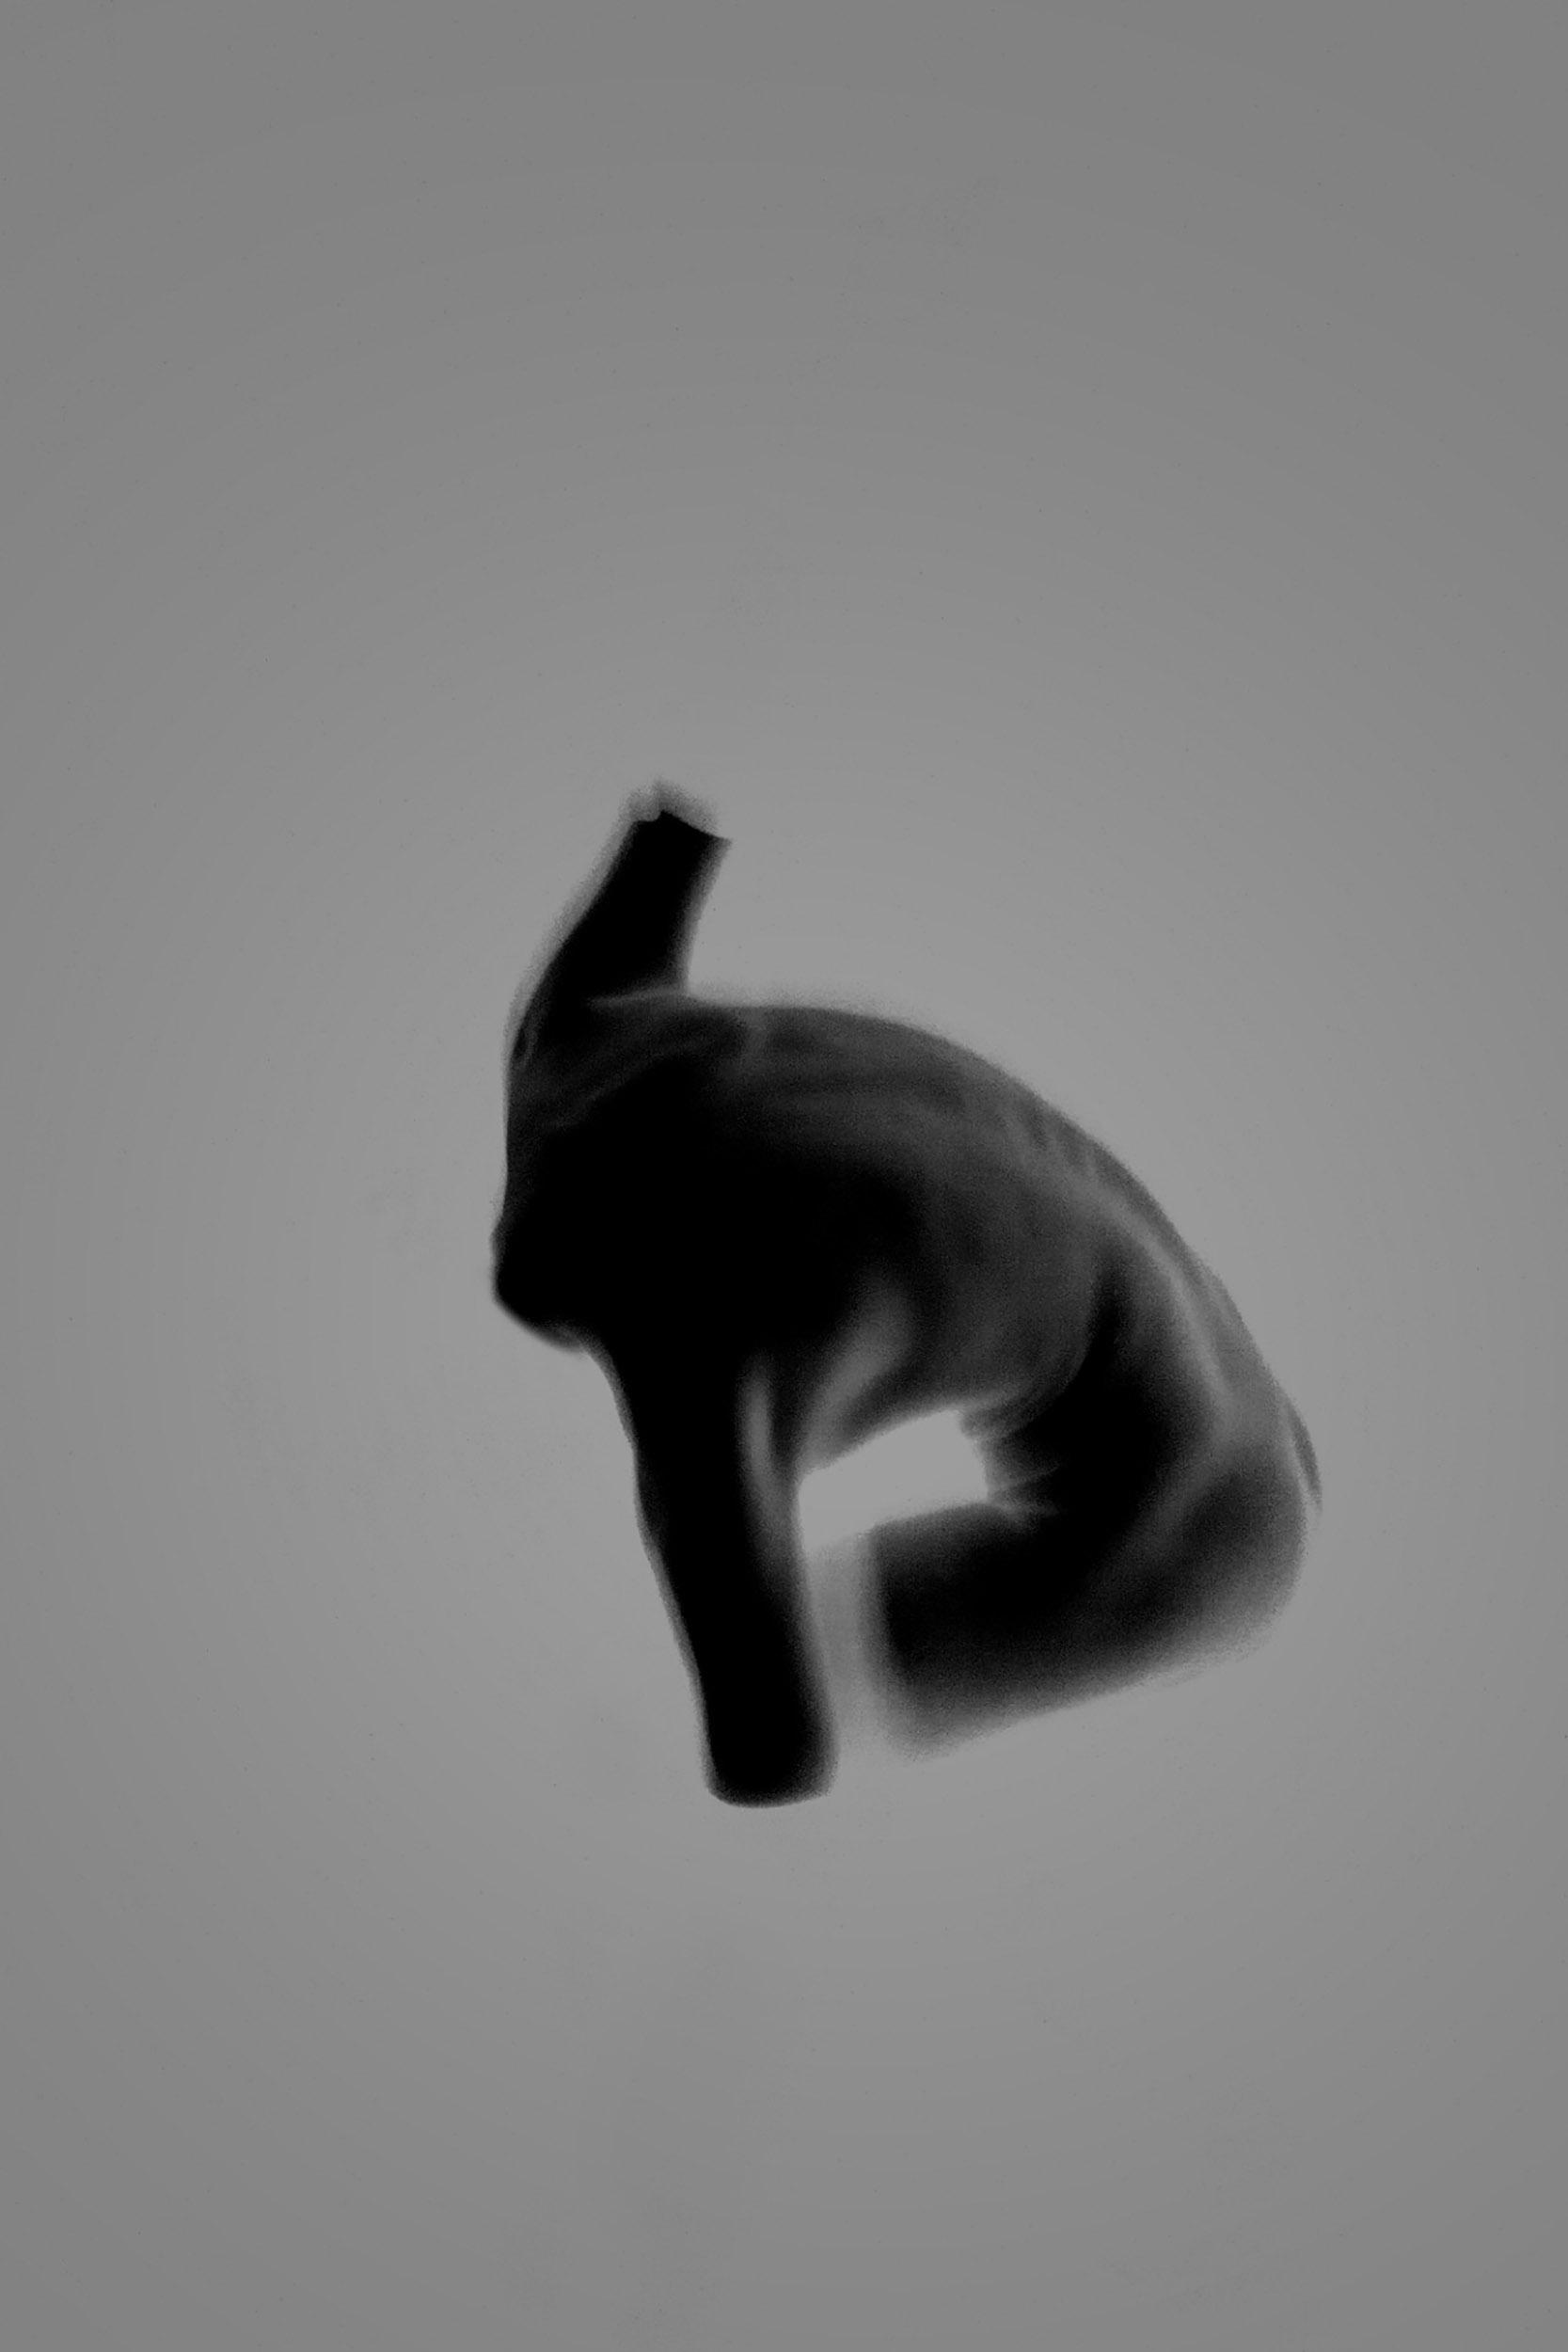 hodosy_invisible-you-honlap-9-2.jpg